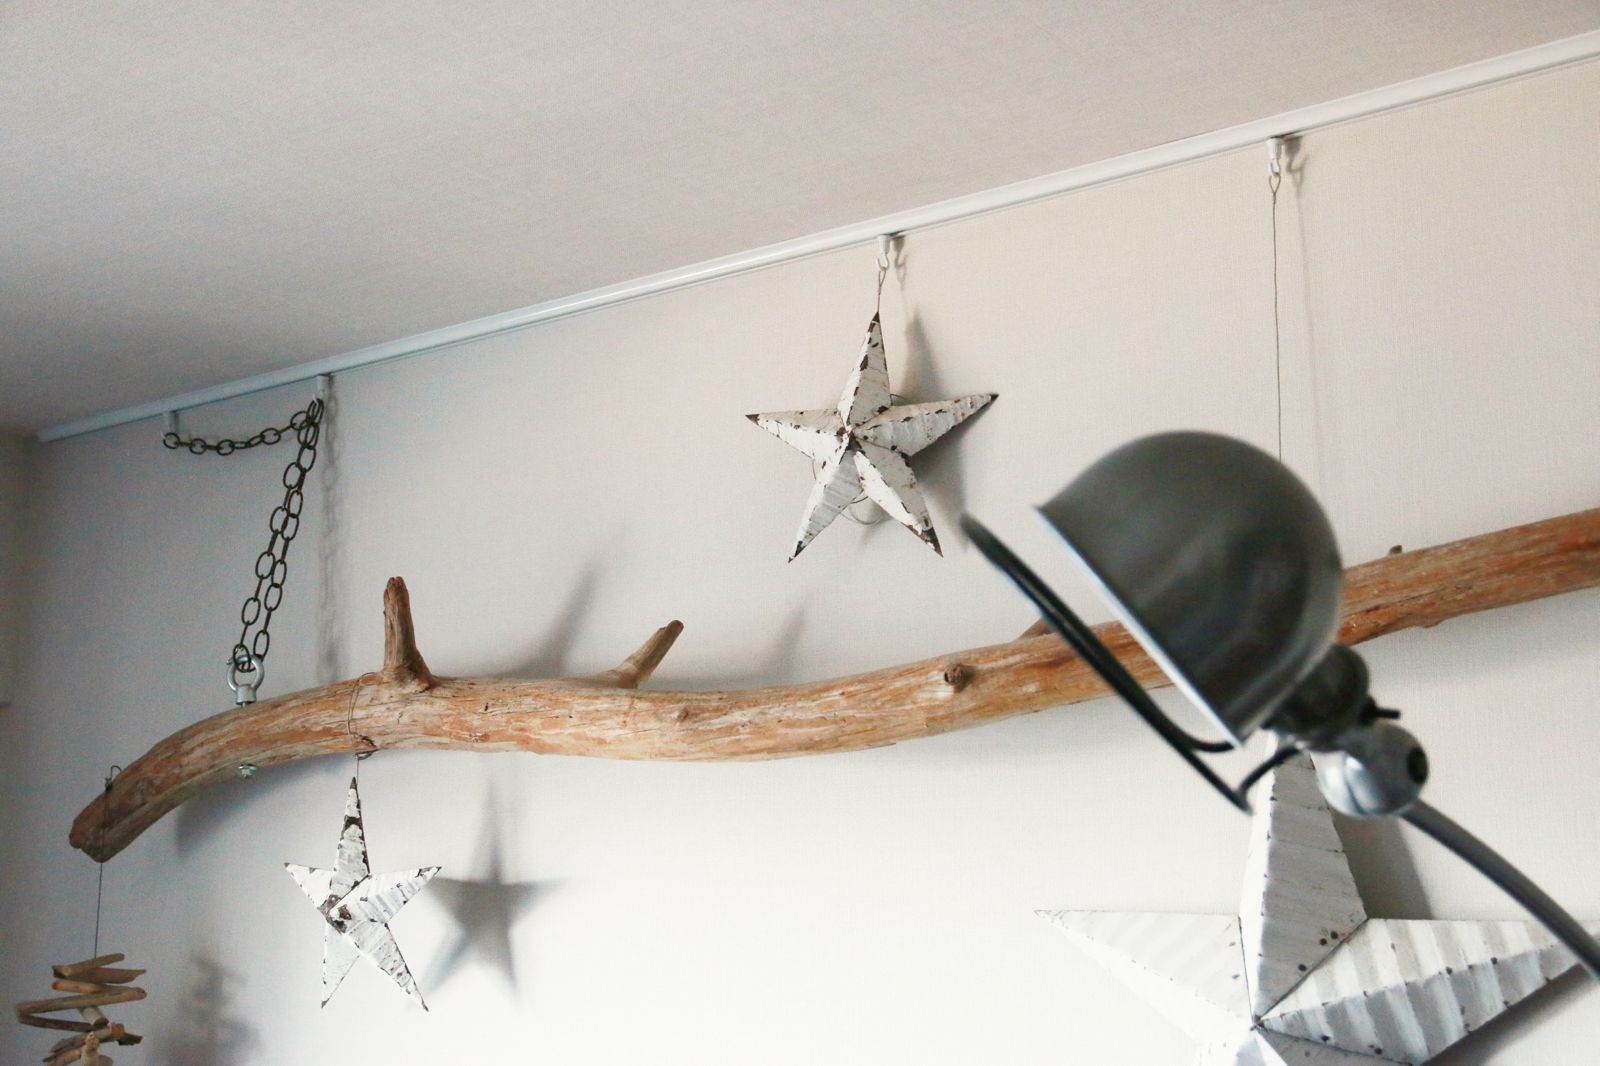 壁の上端にピクチャーレールを取り付けて 流木のオブジェなどを 棚